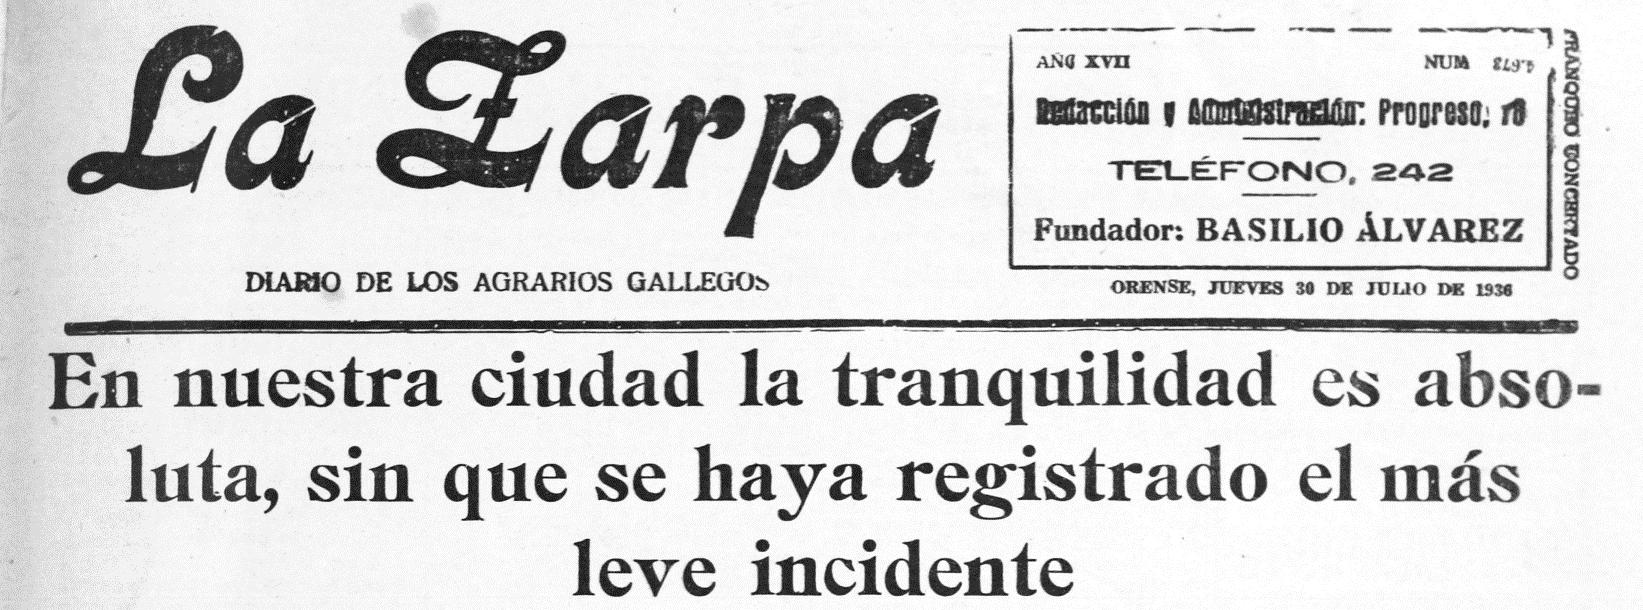 LaZarpa30dejulio